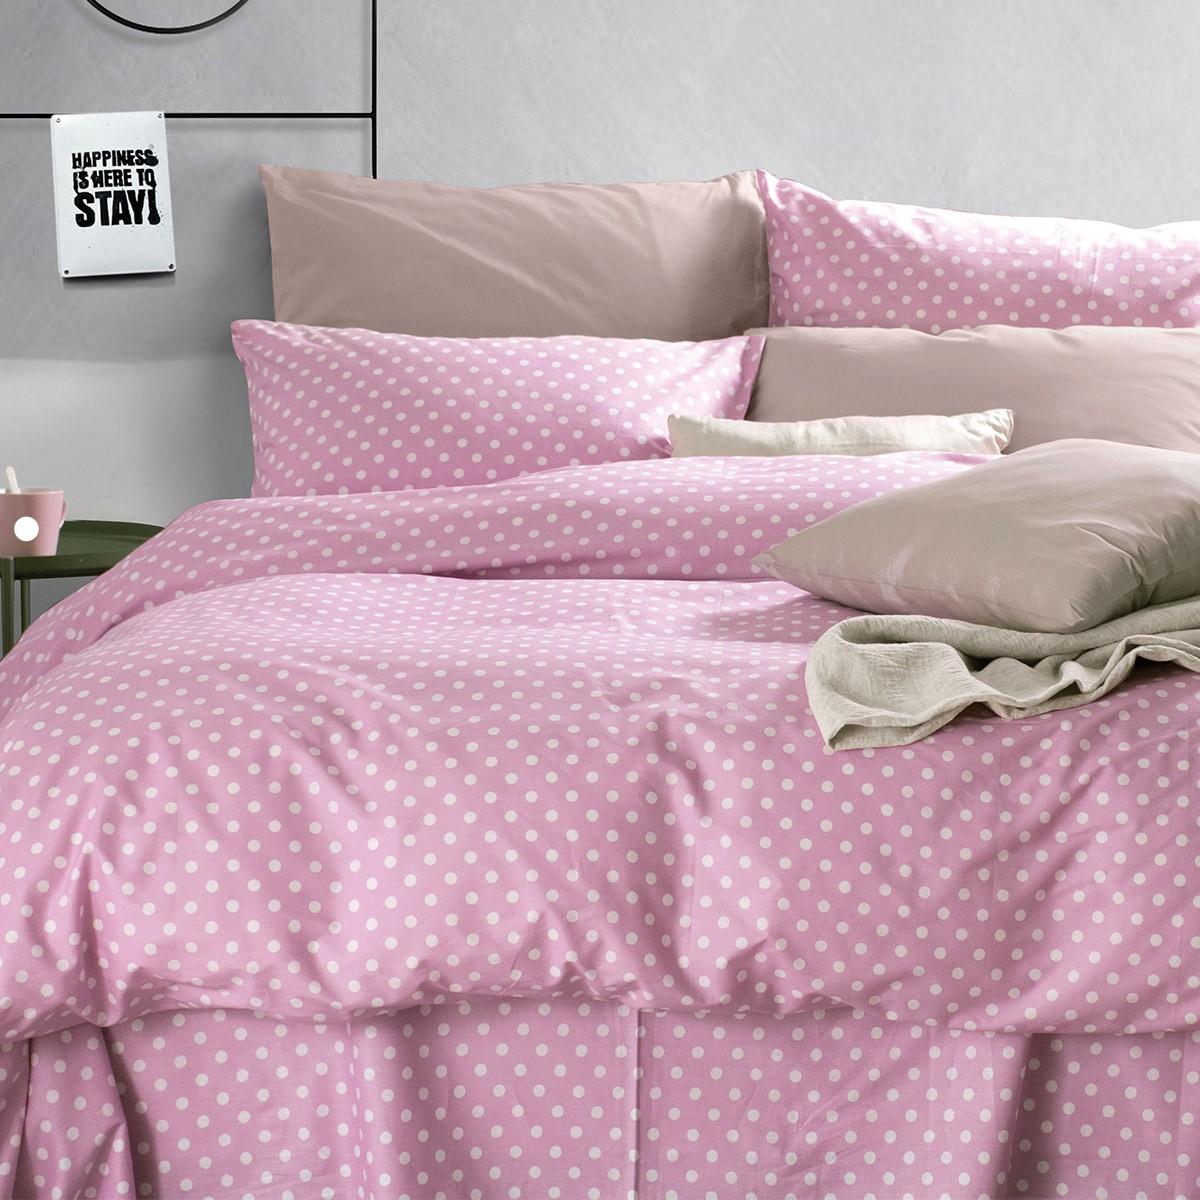 Παπλωματοθήκη Υπέρδιπλη (Σετ) Rythmos Diva Sassy New Pink